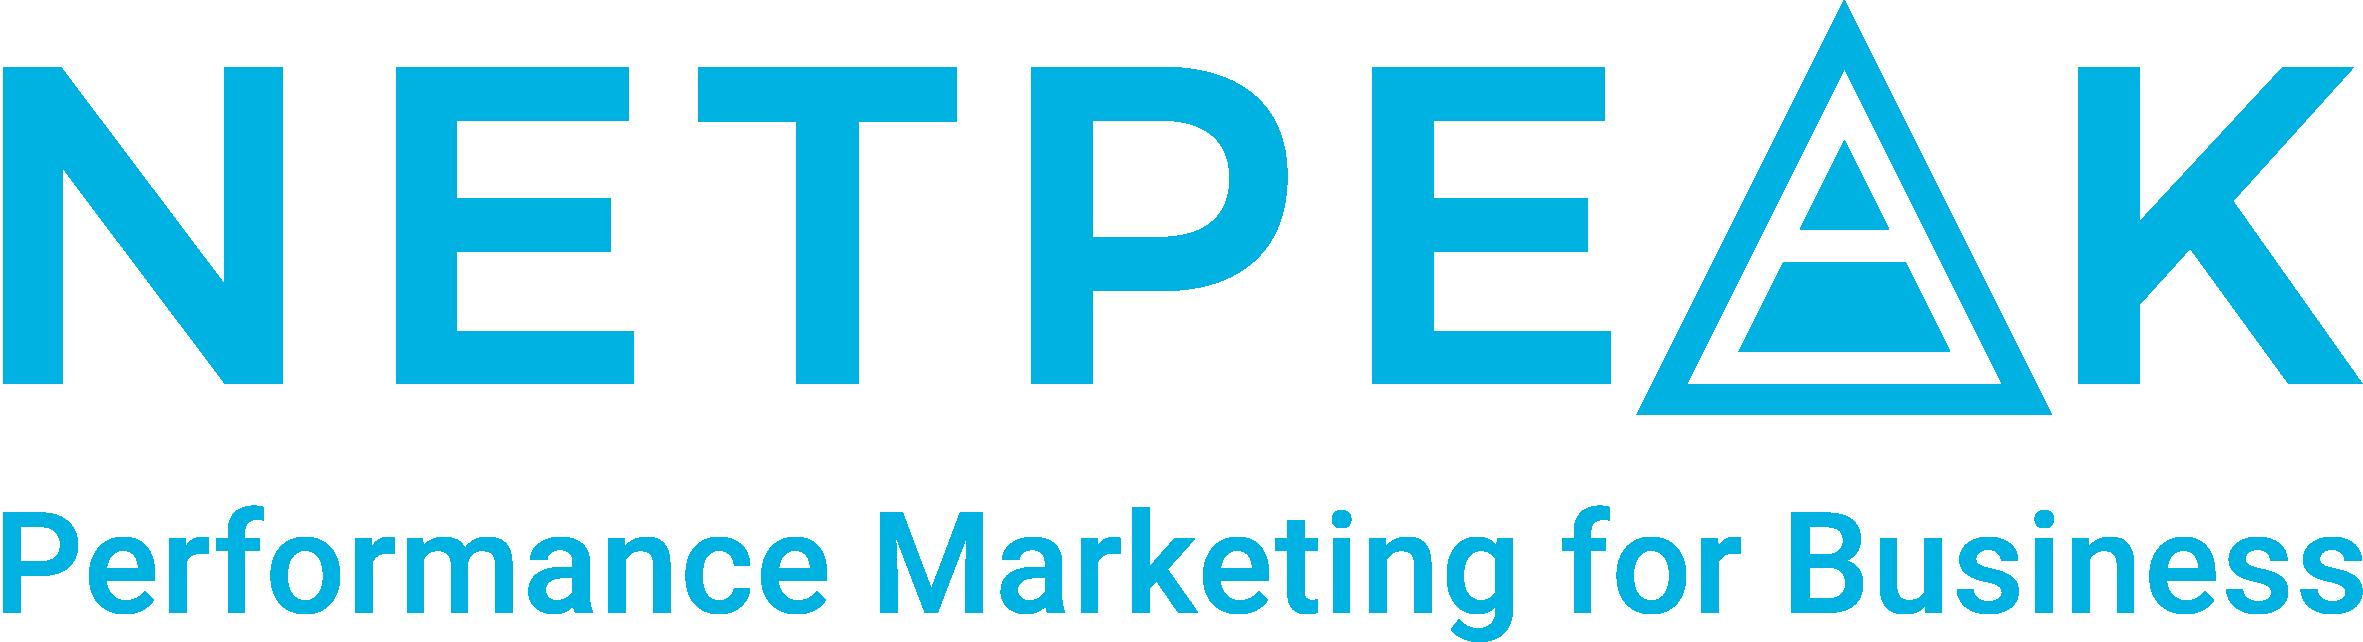 our logo blue icon